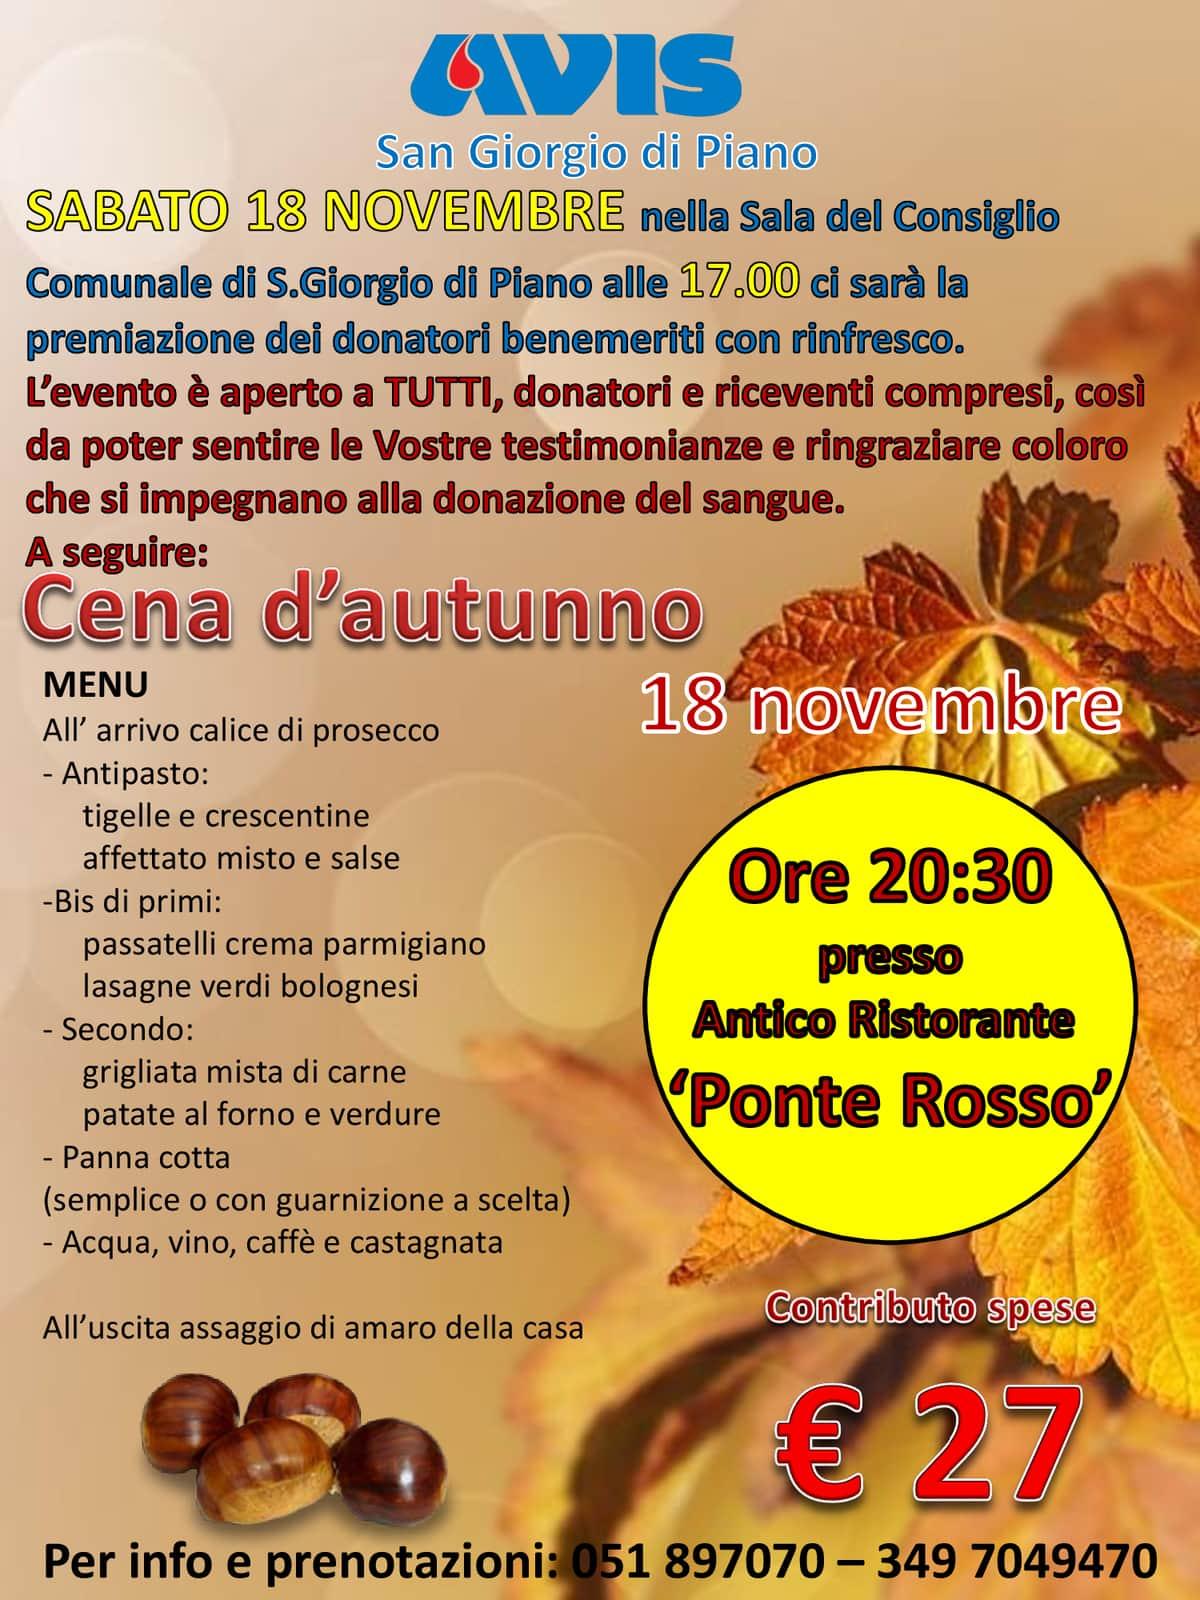 Premiazioni e Cena d'autunno Avis San Giorgio di Piano @ Sala Consiglio Comunale San Giorgio di Piano | San Giorgio di Piano | Emilia-Romagna | Italia